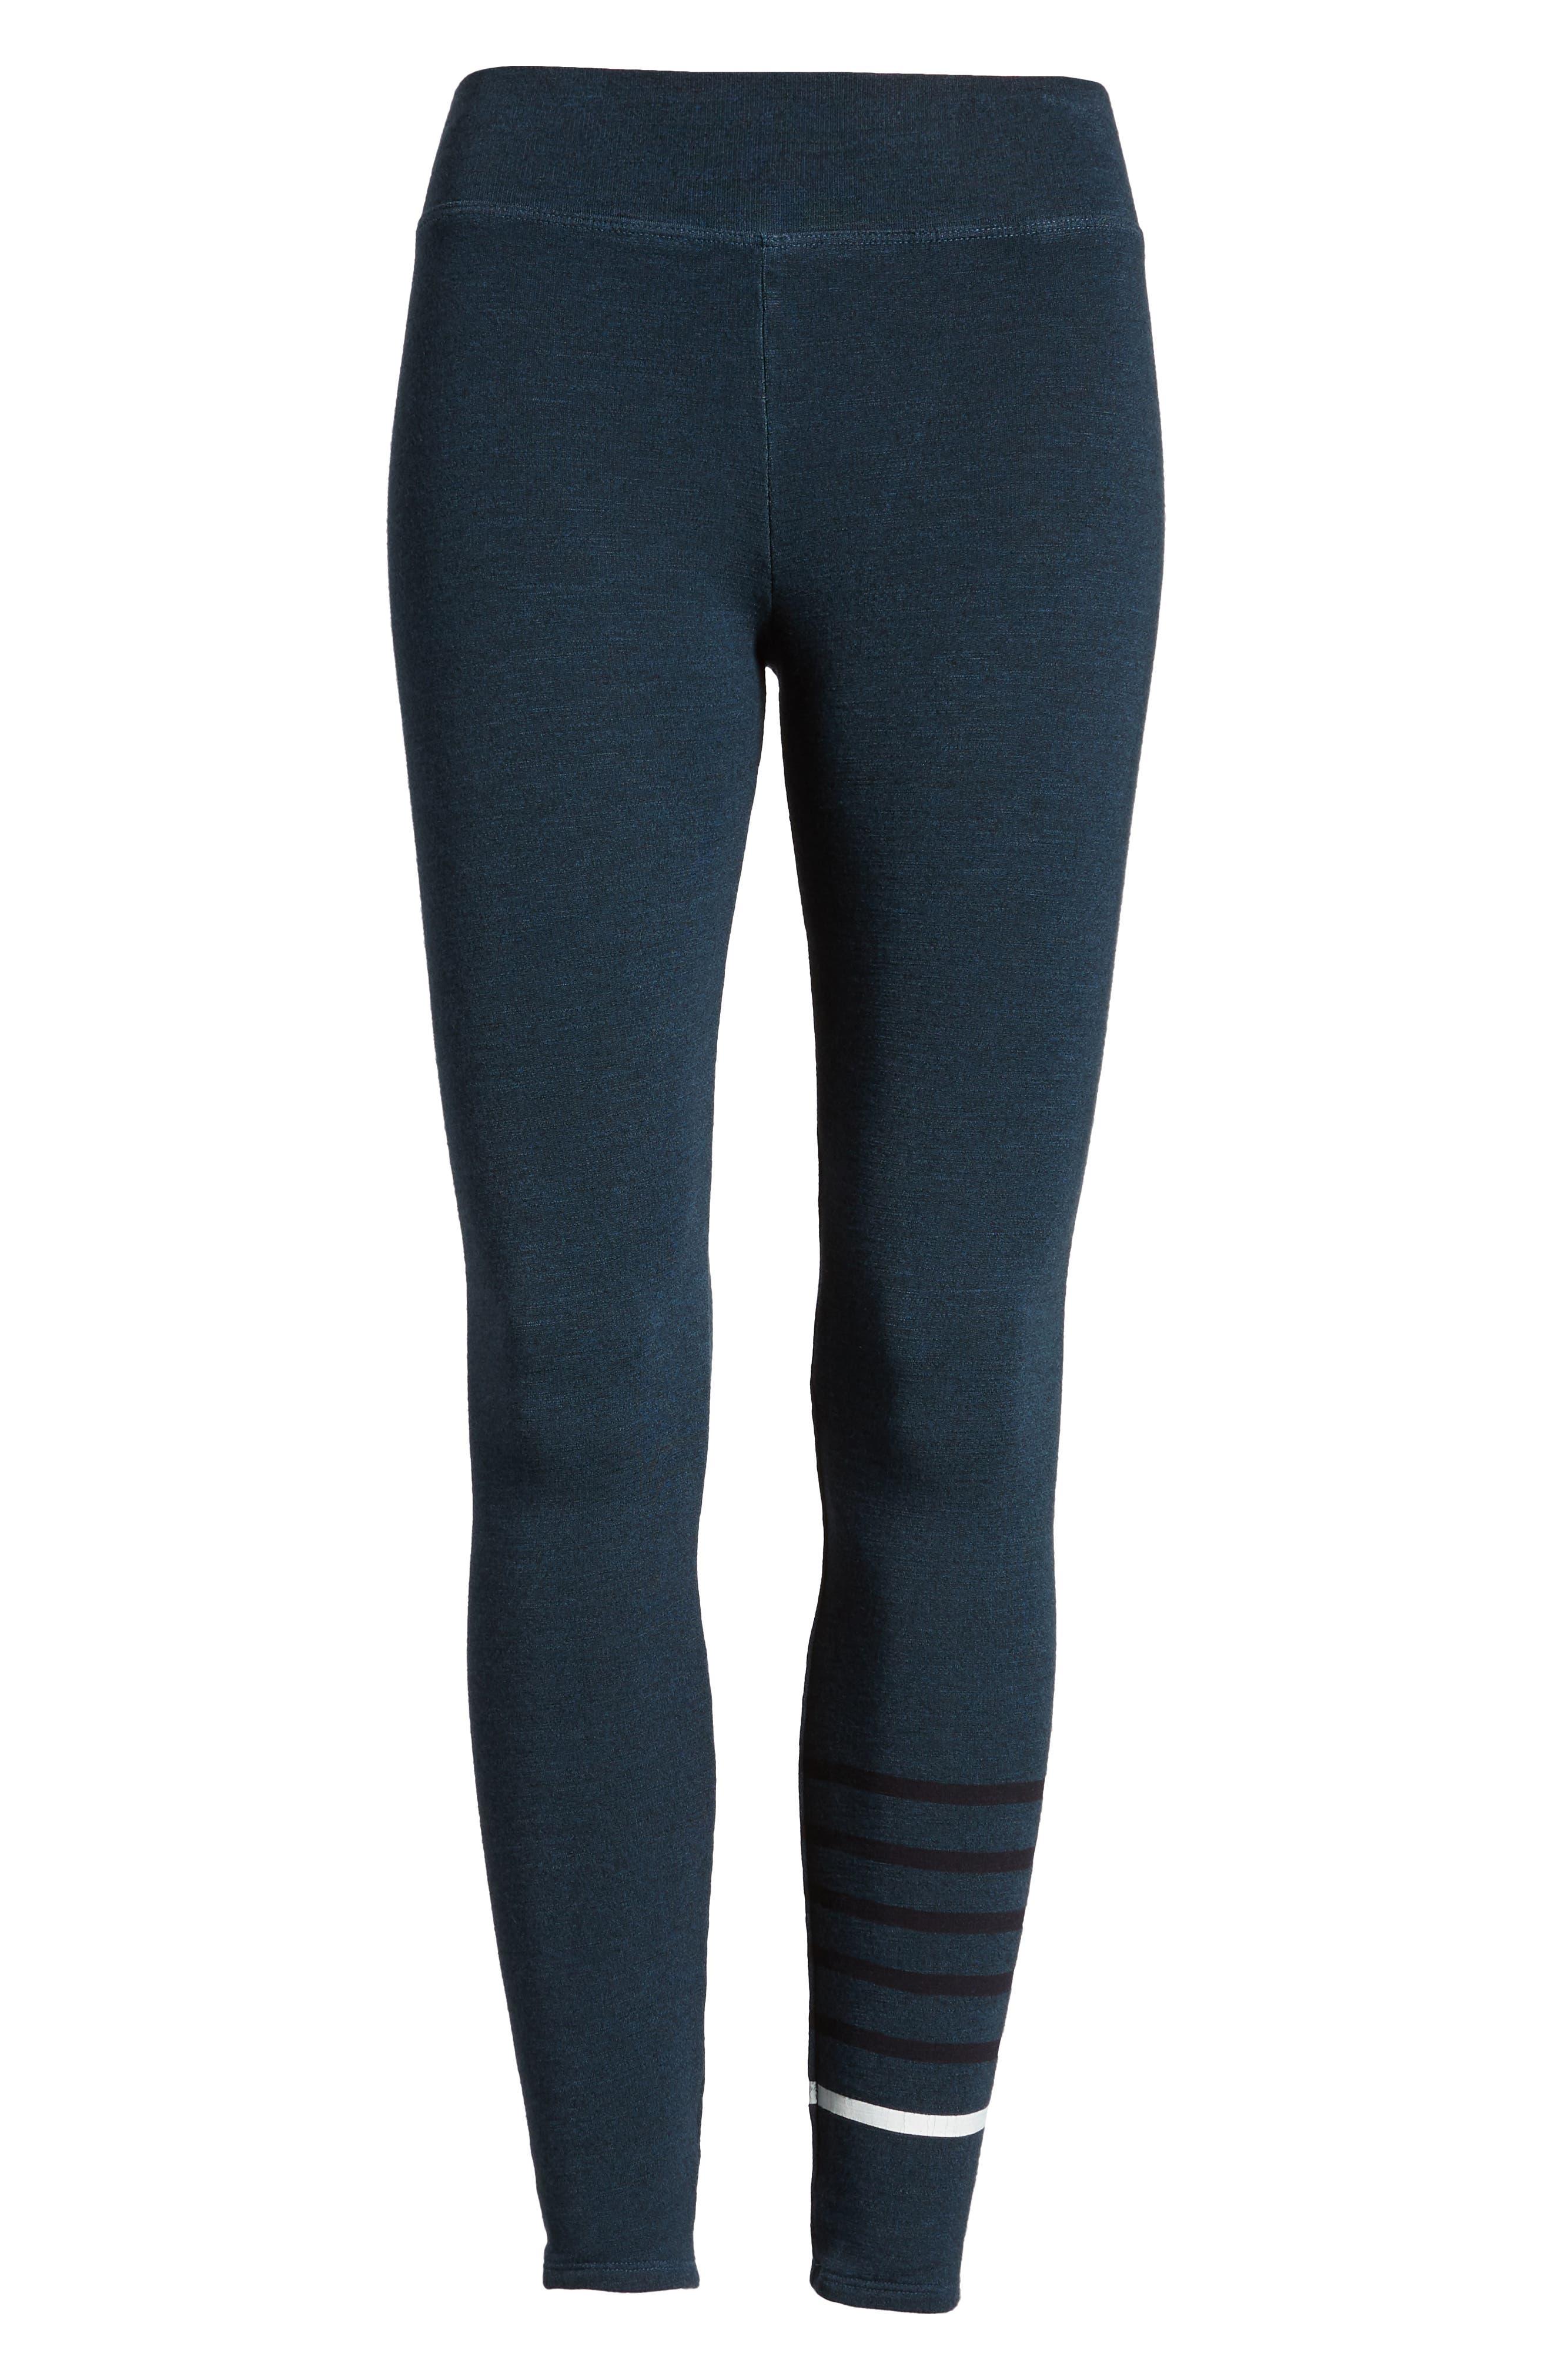 Stripe Yoga Pants,                             Alternate thumbnail 7, color,                             STORM